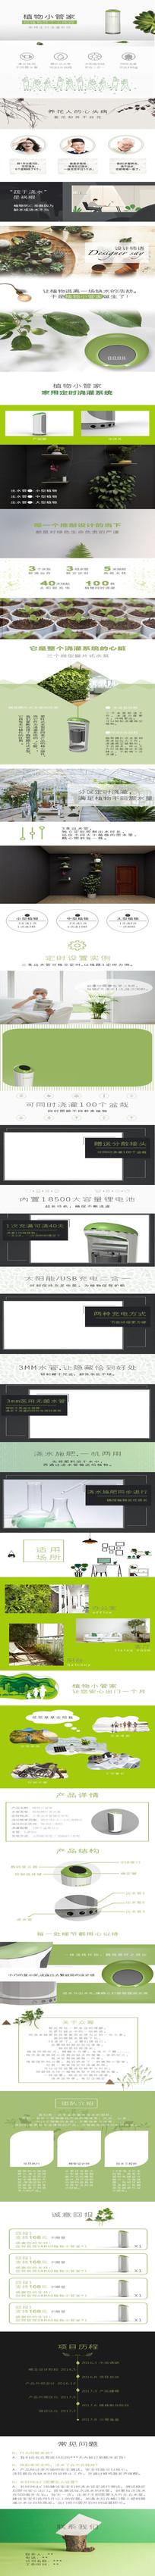 绿色植物详情页设计 PSD